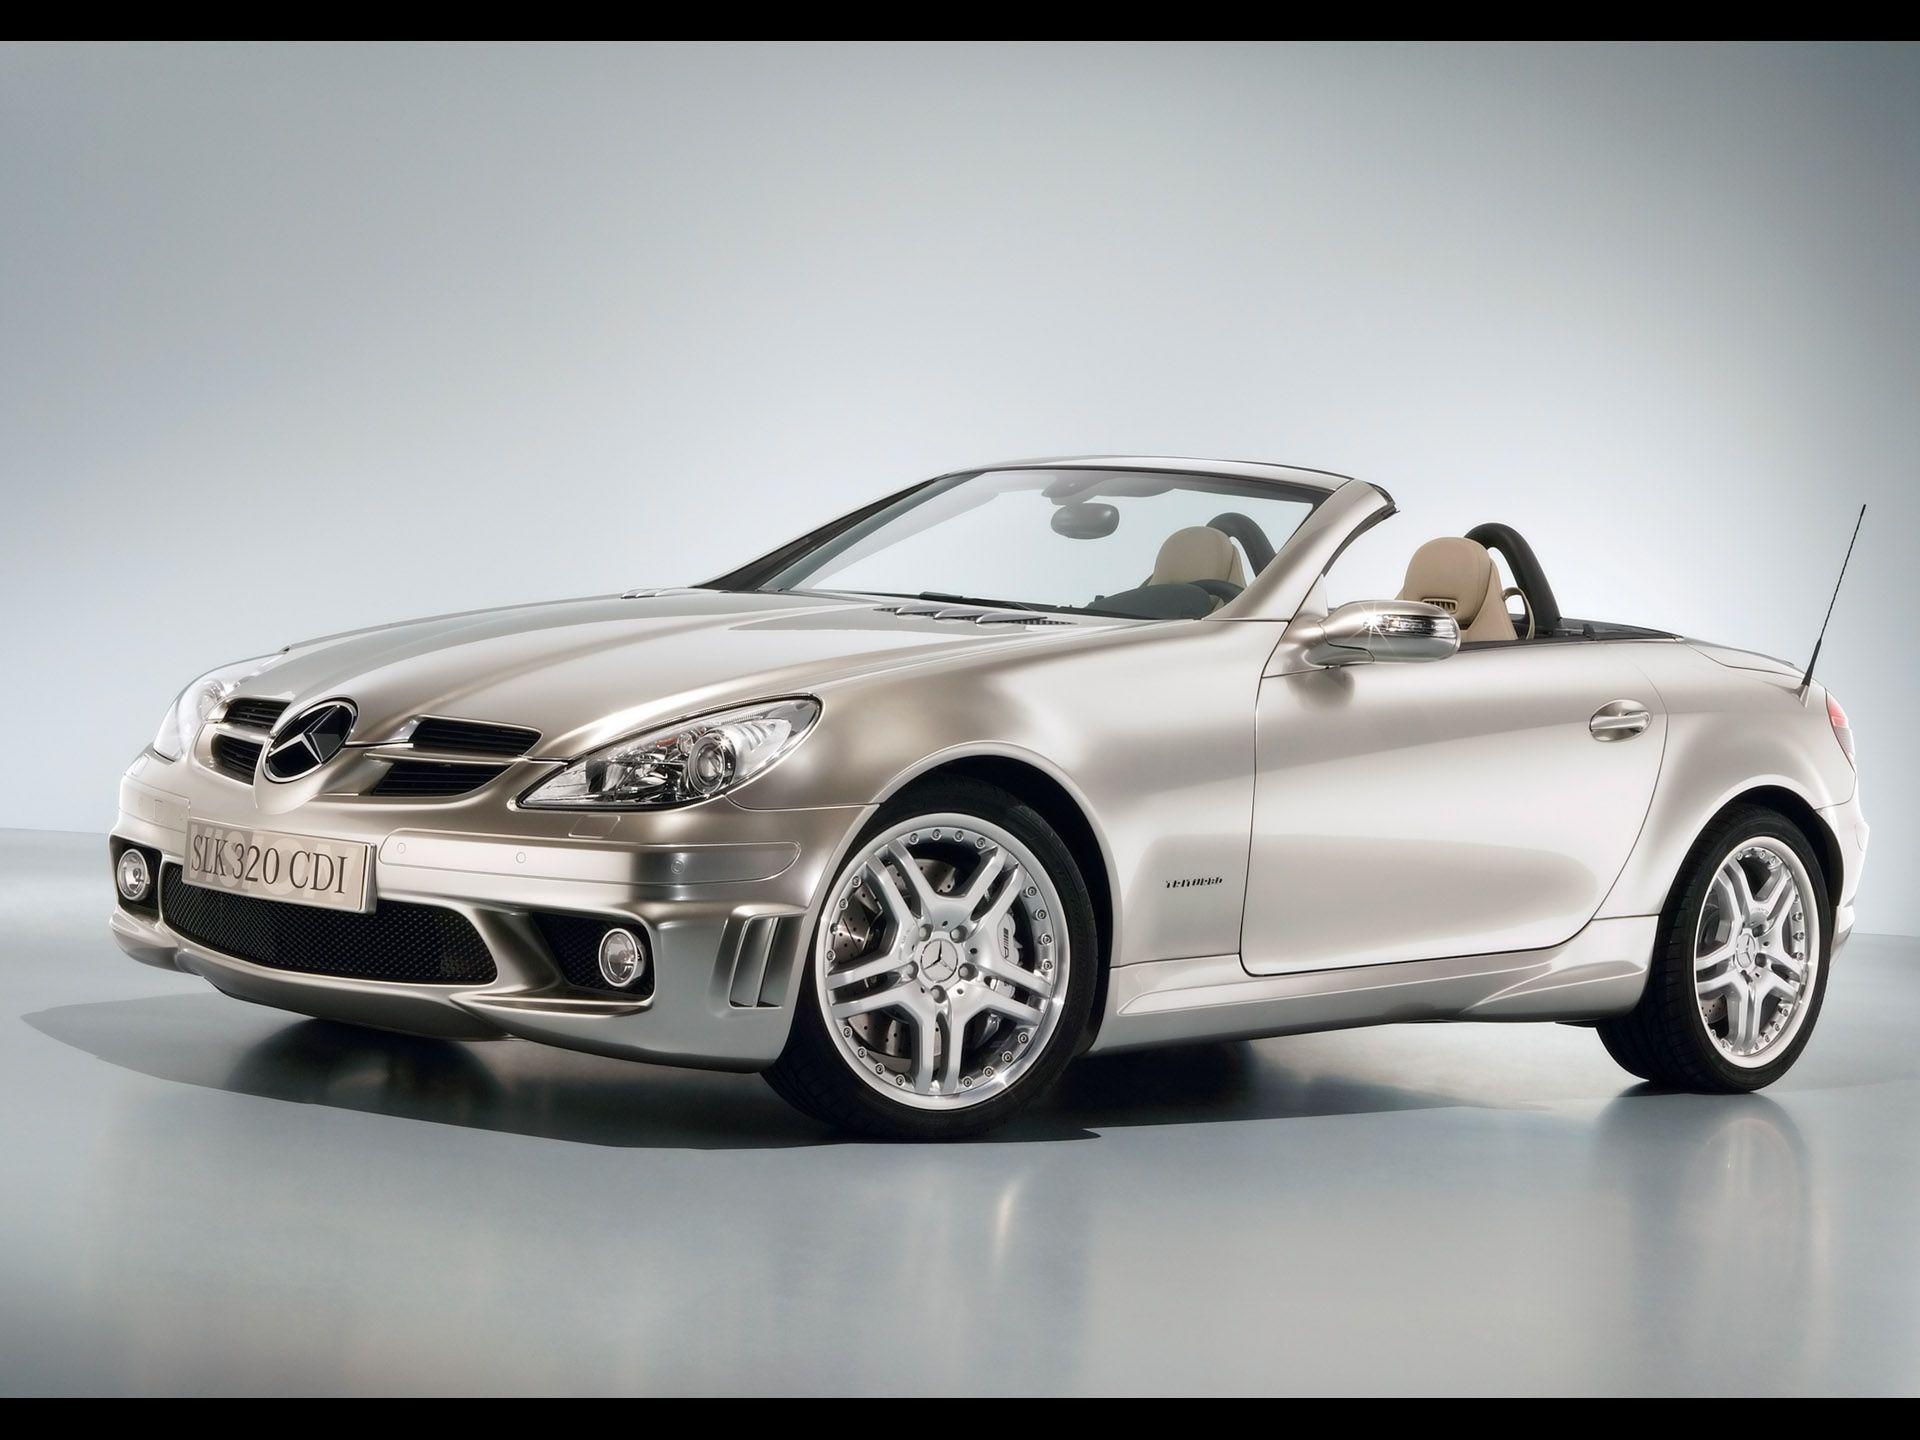 Mercedes benz slk 200 hd wallpaper wallpapers pinterest mercedes benz slk 200 mercedes benz slk and hd wallpaper